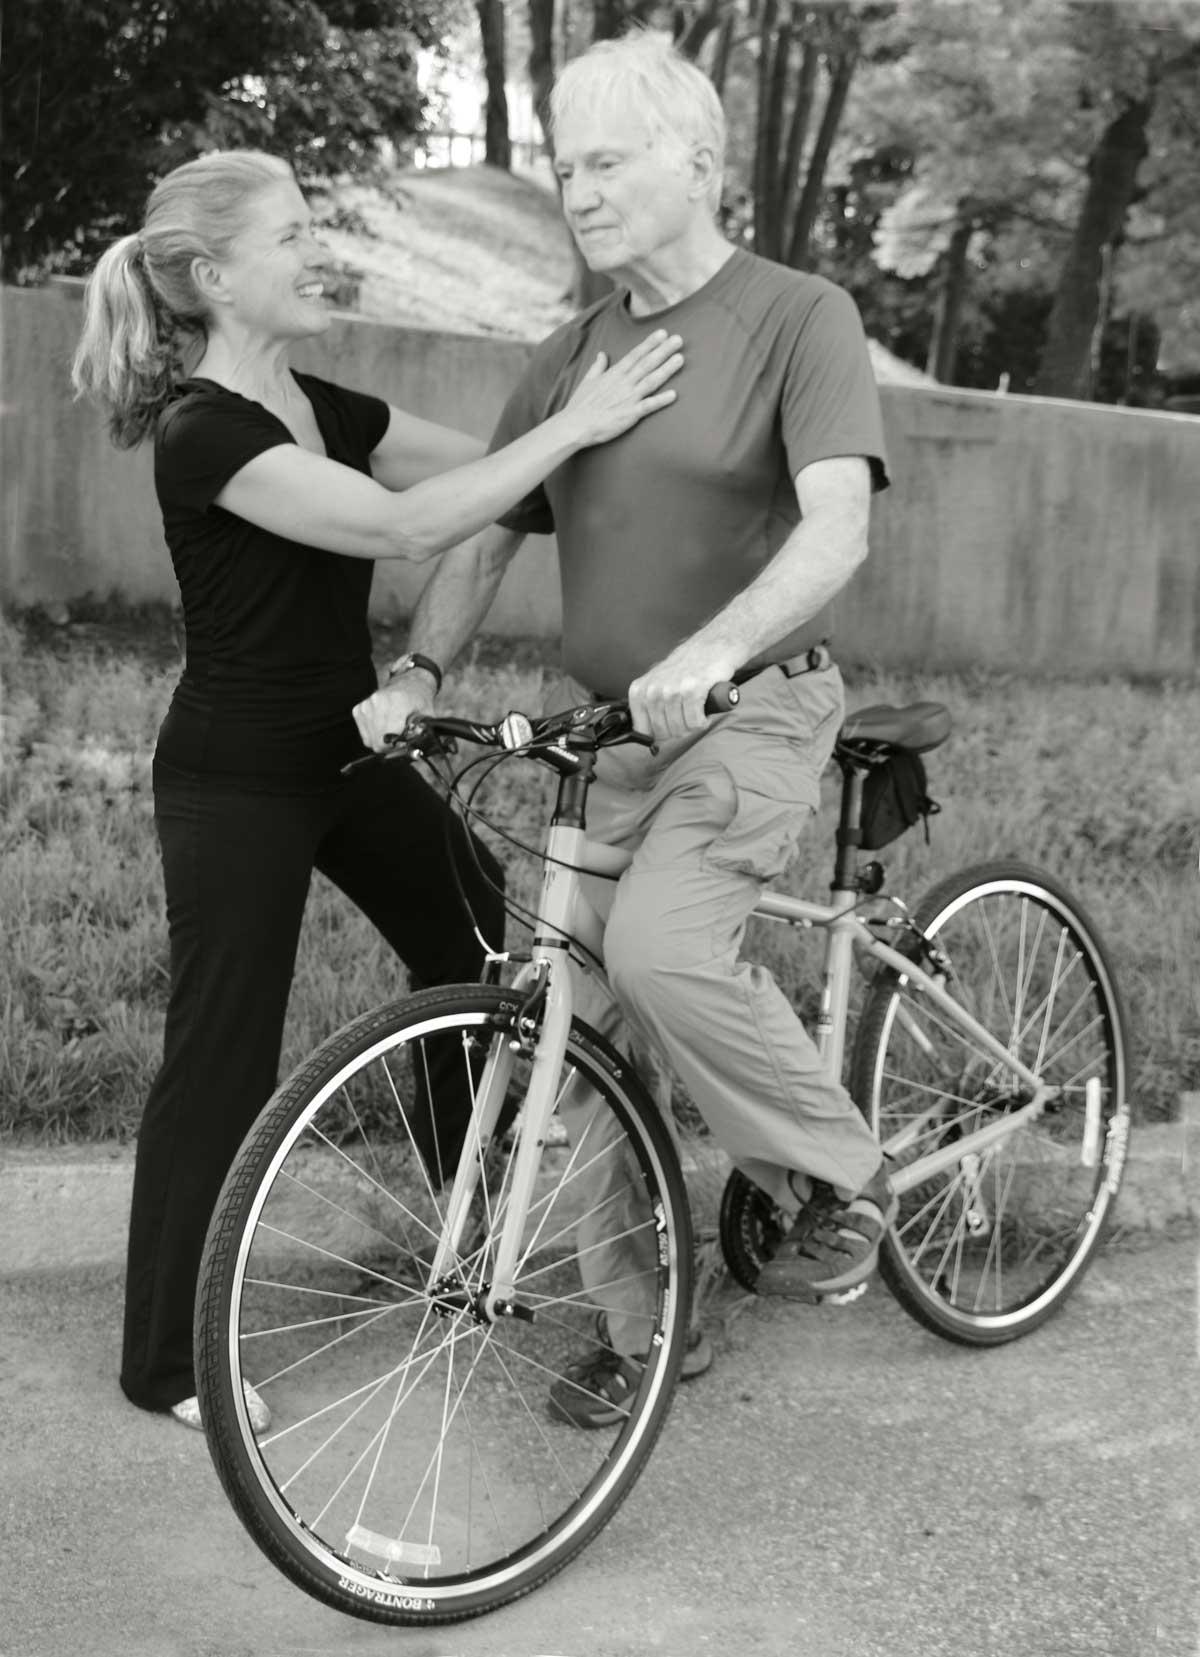 Karla Booth Diamond Bike Posture